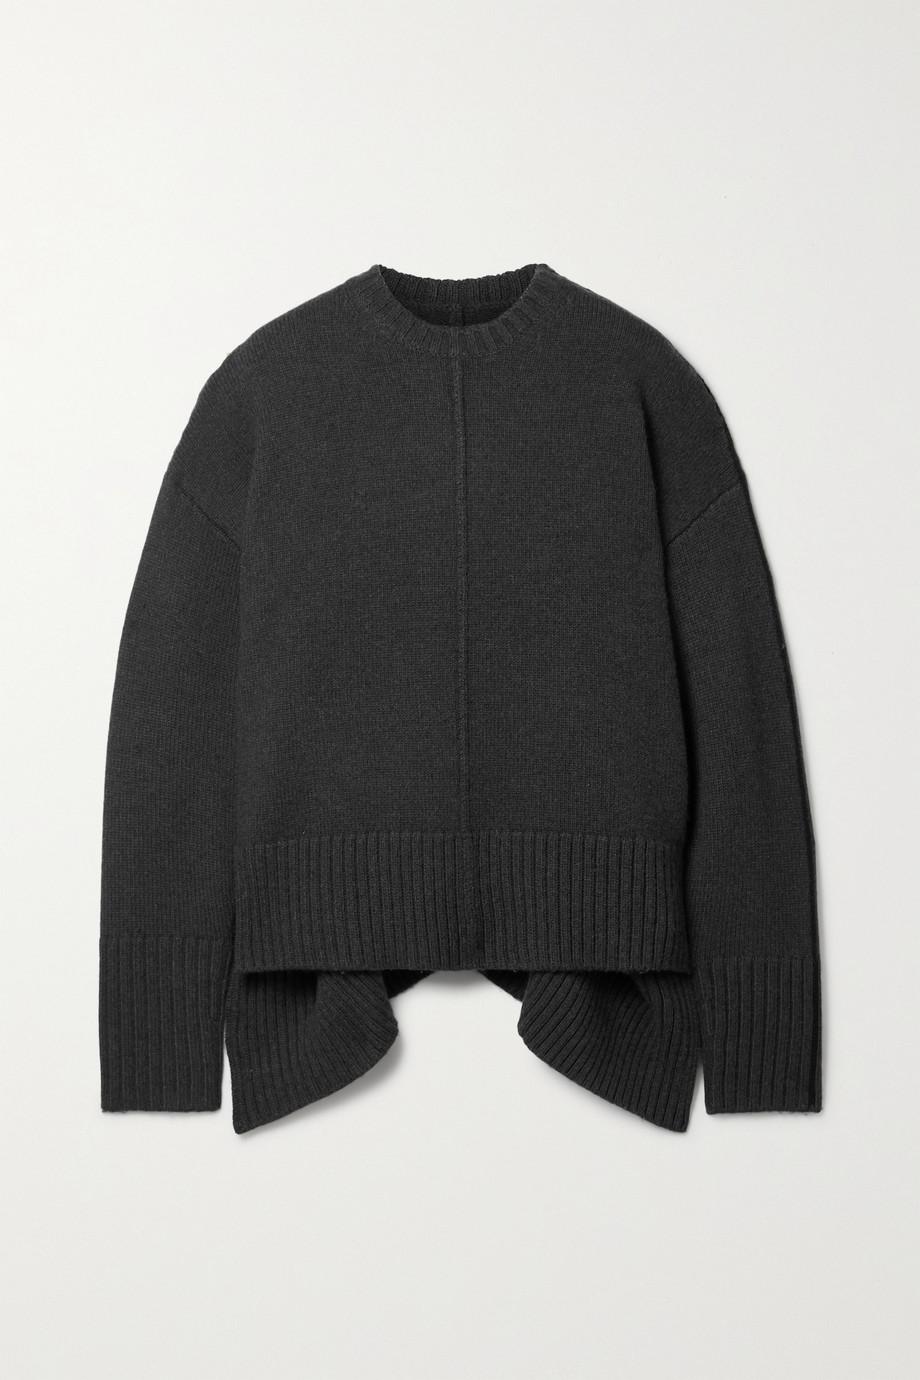 Peter Do Bebe oversized asymmetric wool sweater